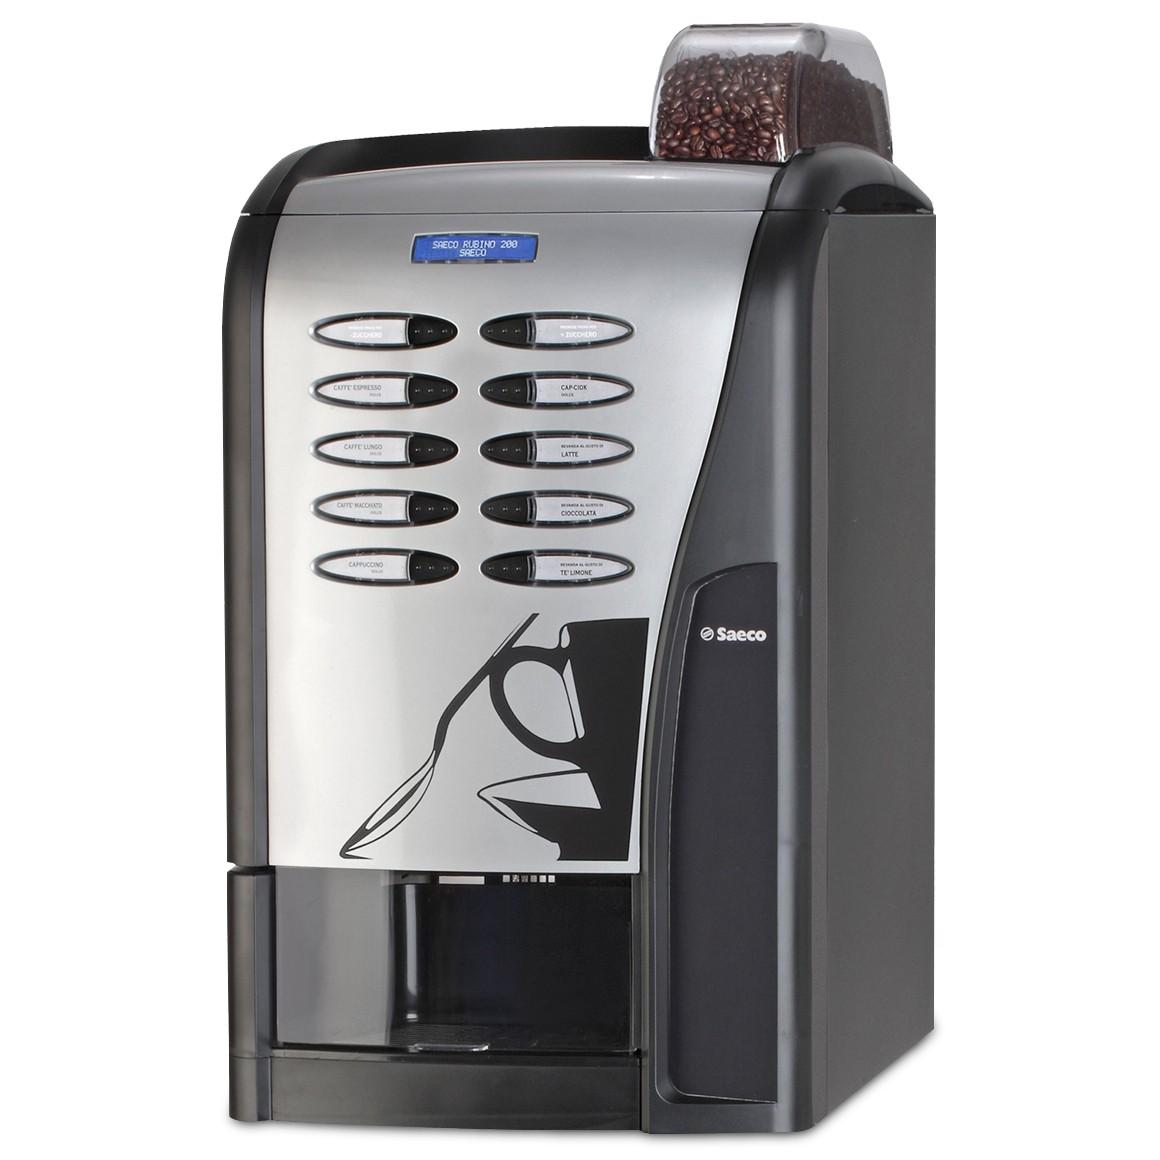 Máquina Vending Saeco Rubino 200 Espresso Preta